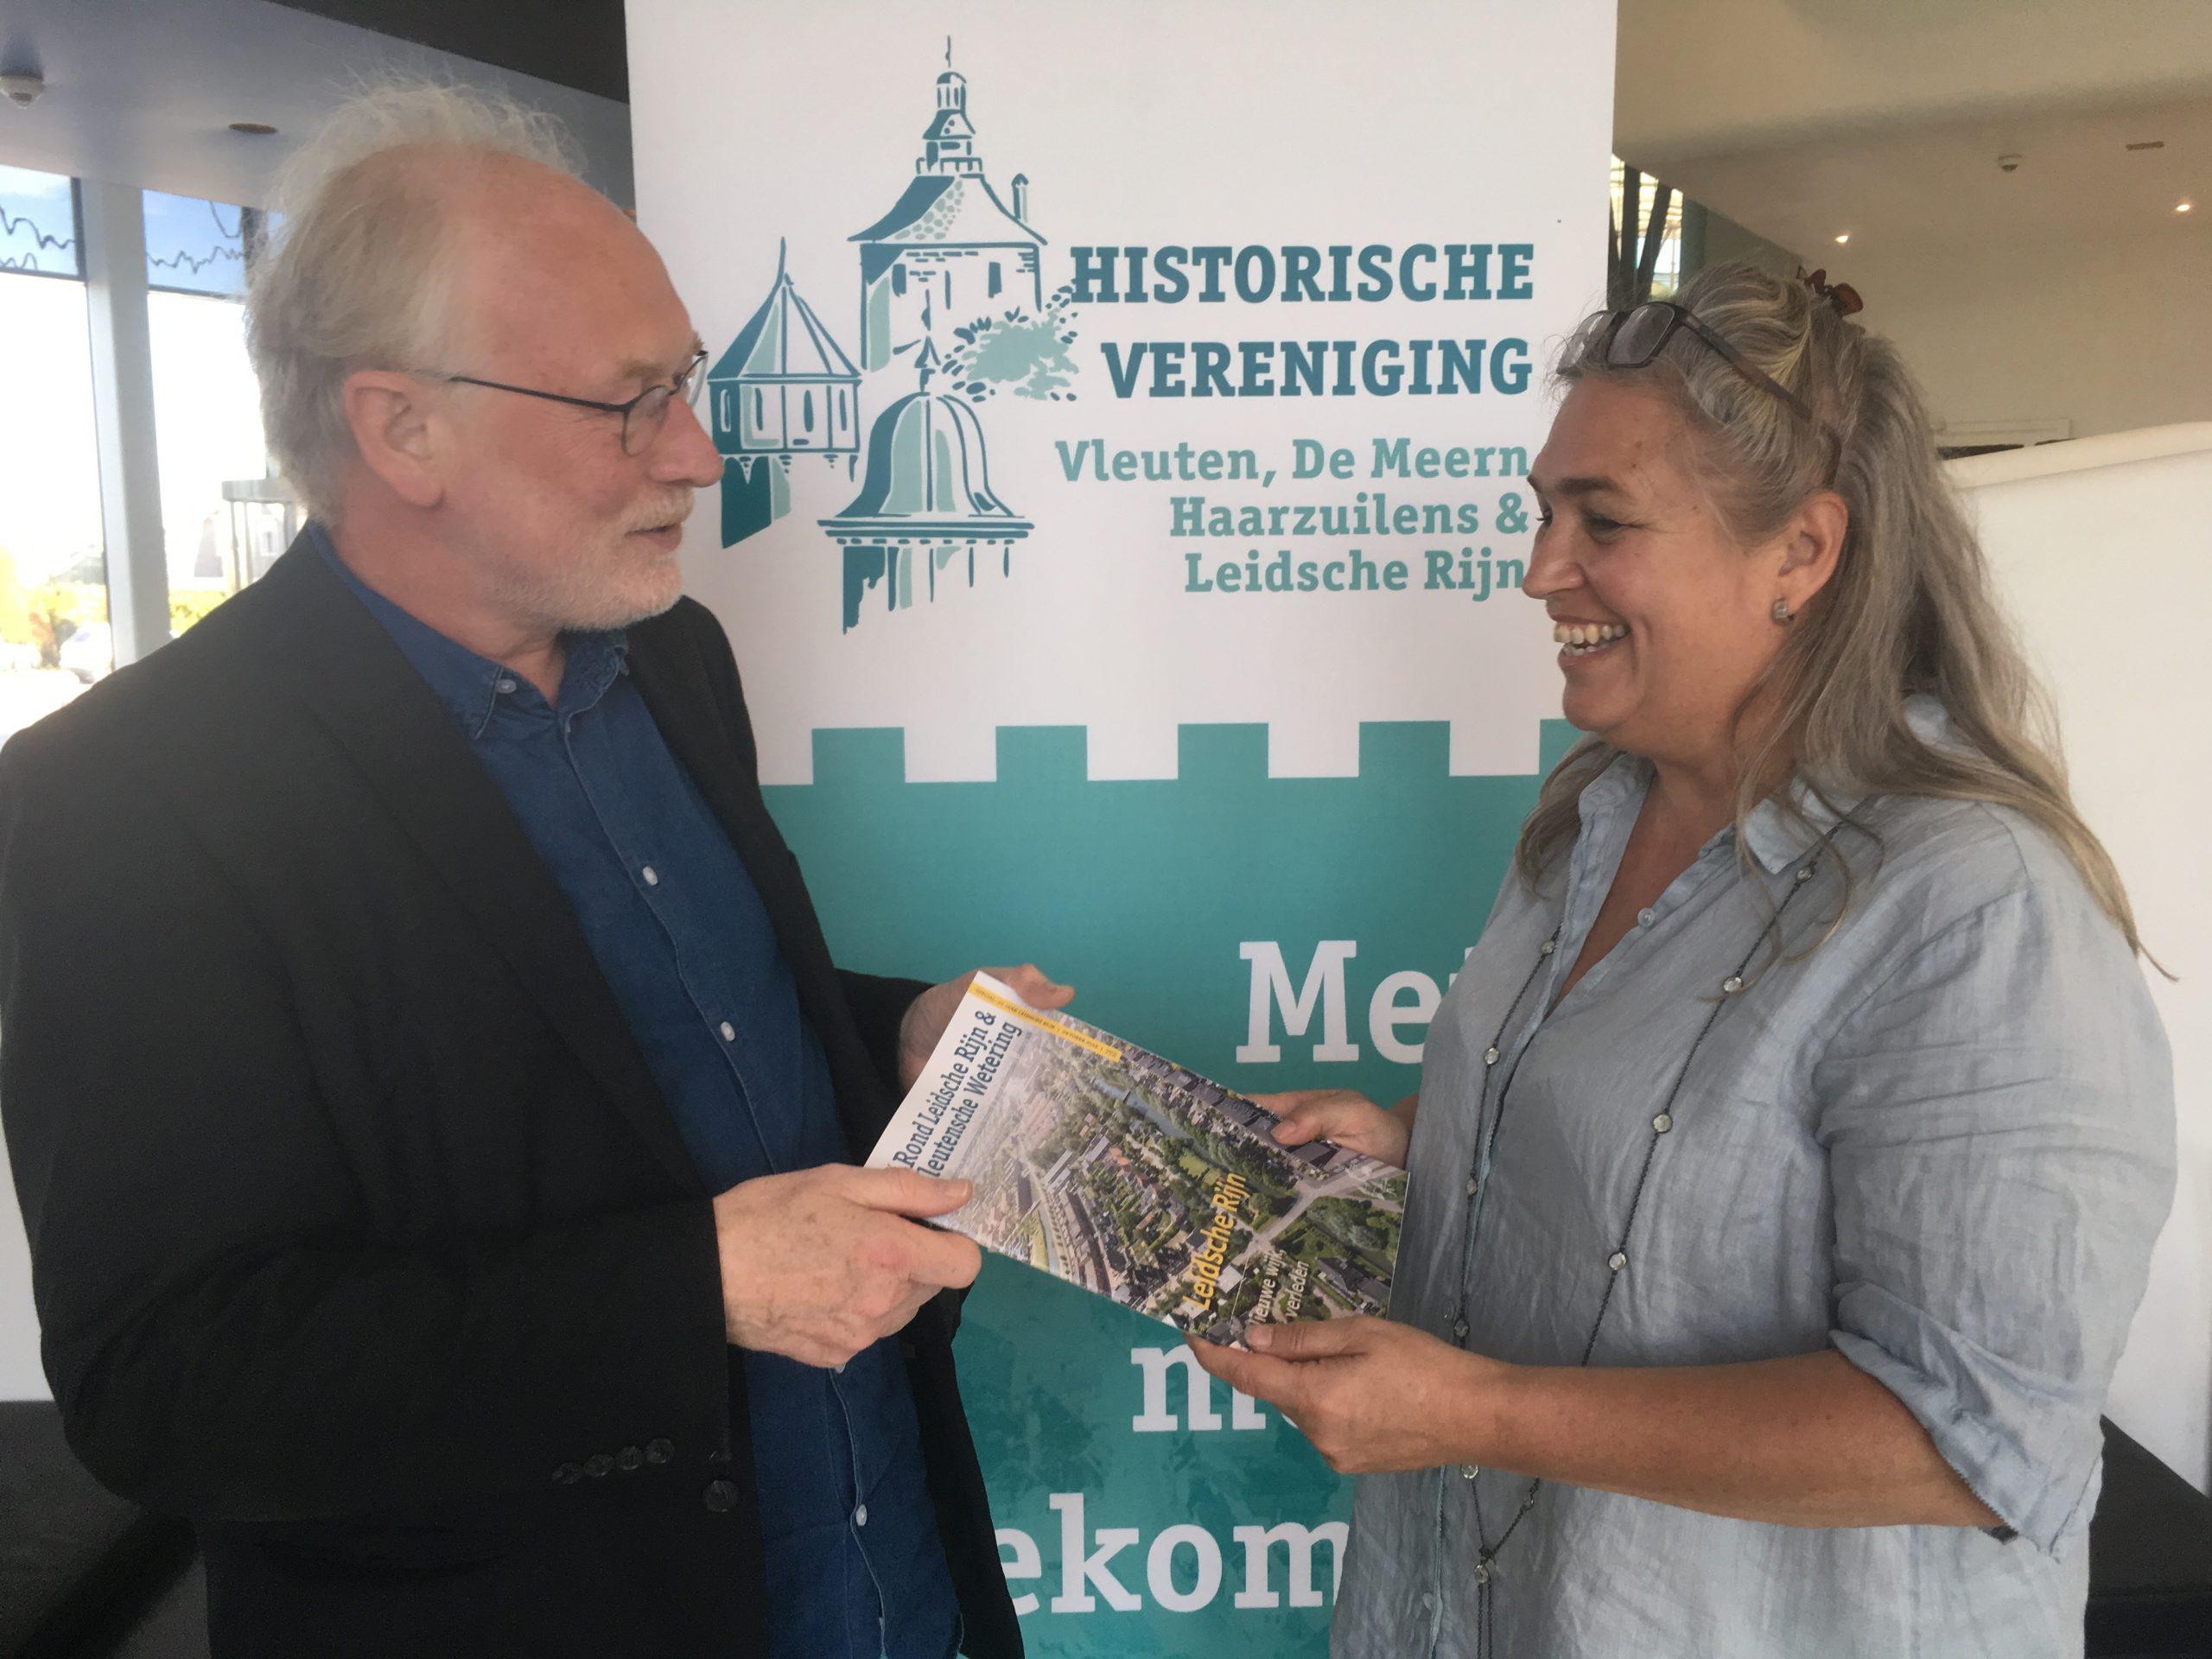 Paul Vreeken, programmamanager Leidsche Rijn en Evalien van 't Veen, hoofdredacteur van de special over 20 jaar Leidsche Rijn